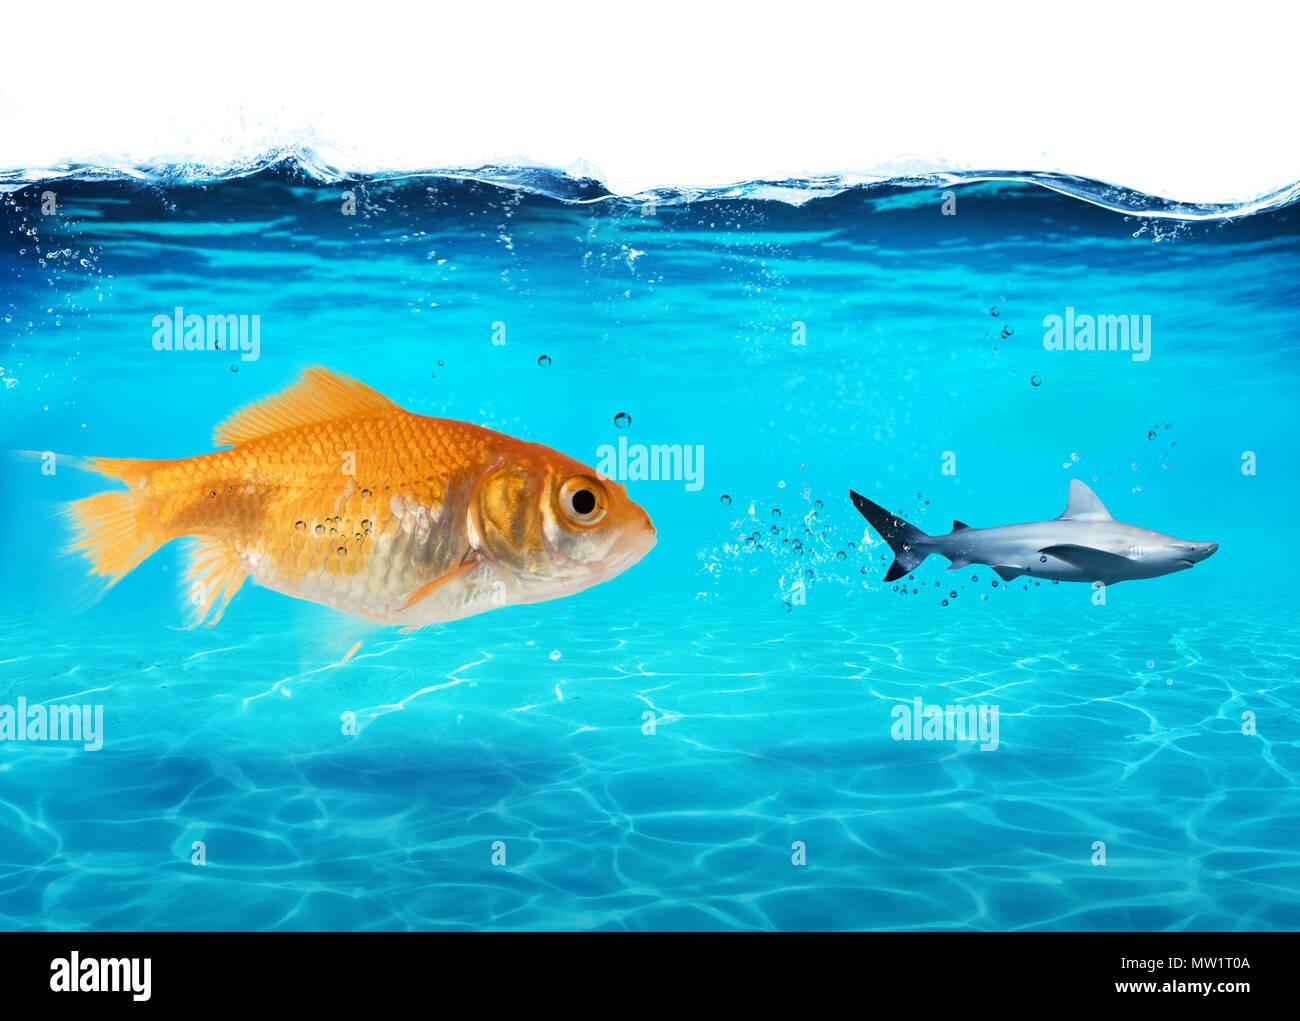 Große Goldfische Angriffen eine Angst Hai im Meer. Konzept der Tapferkeit Stockbild